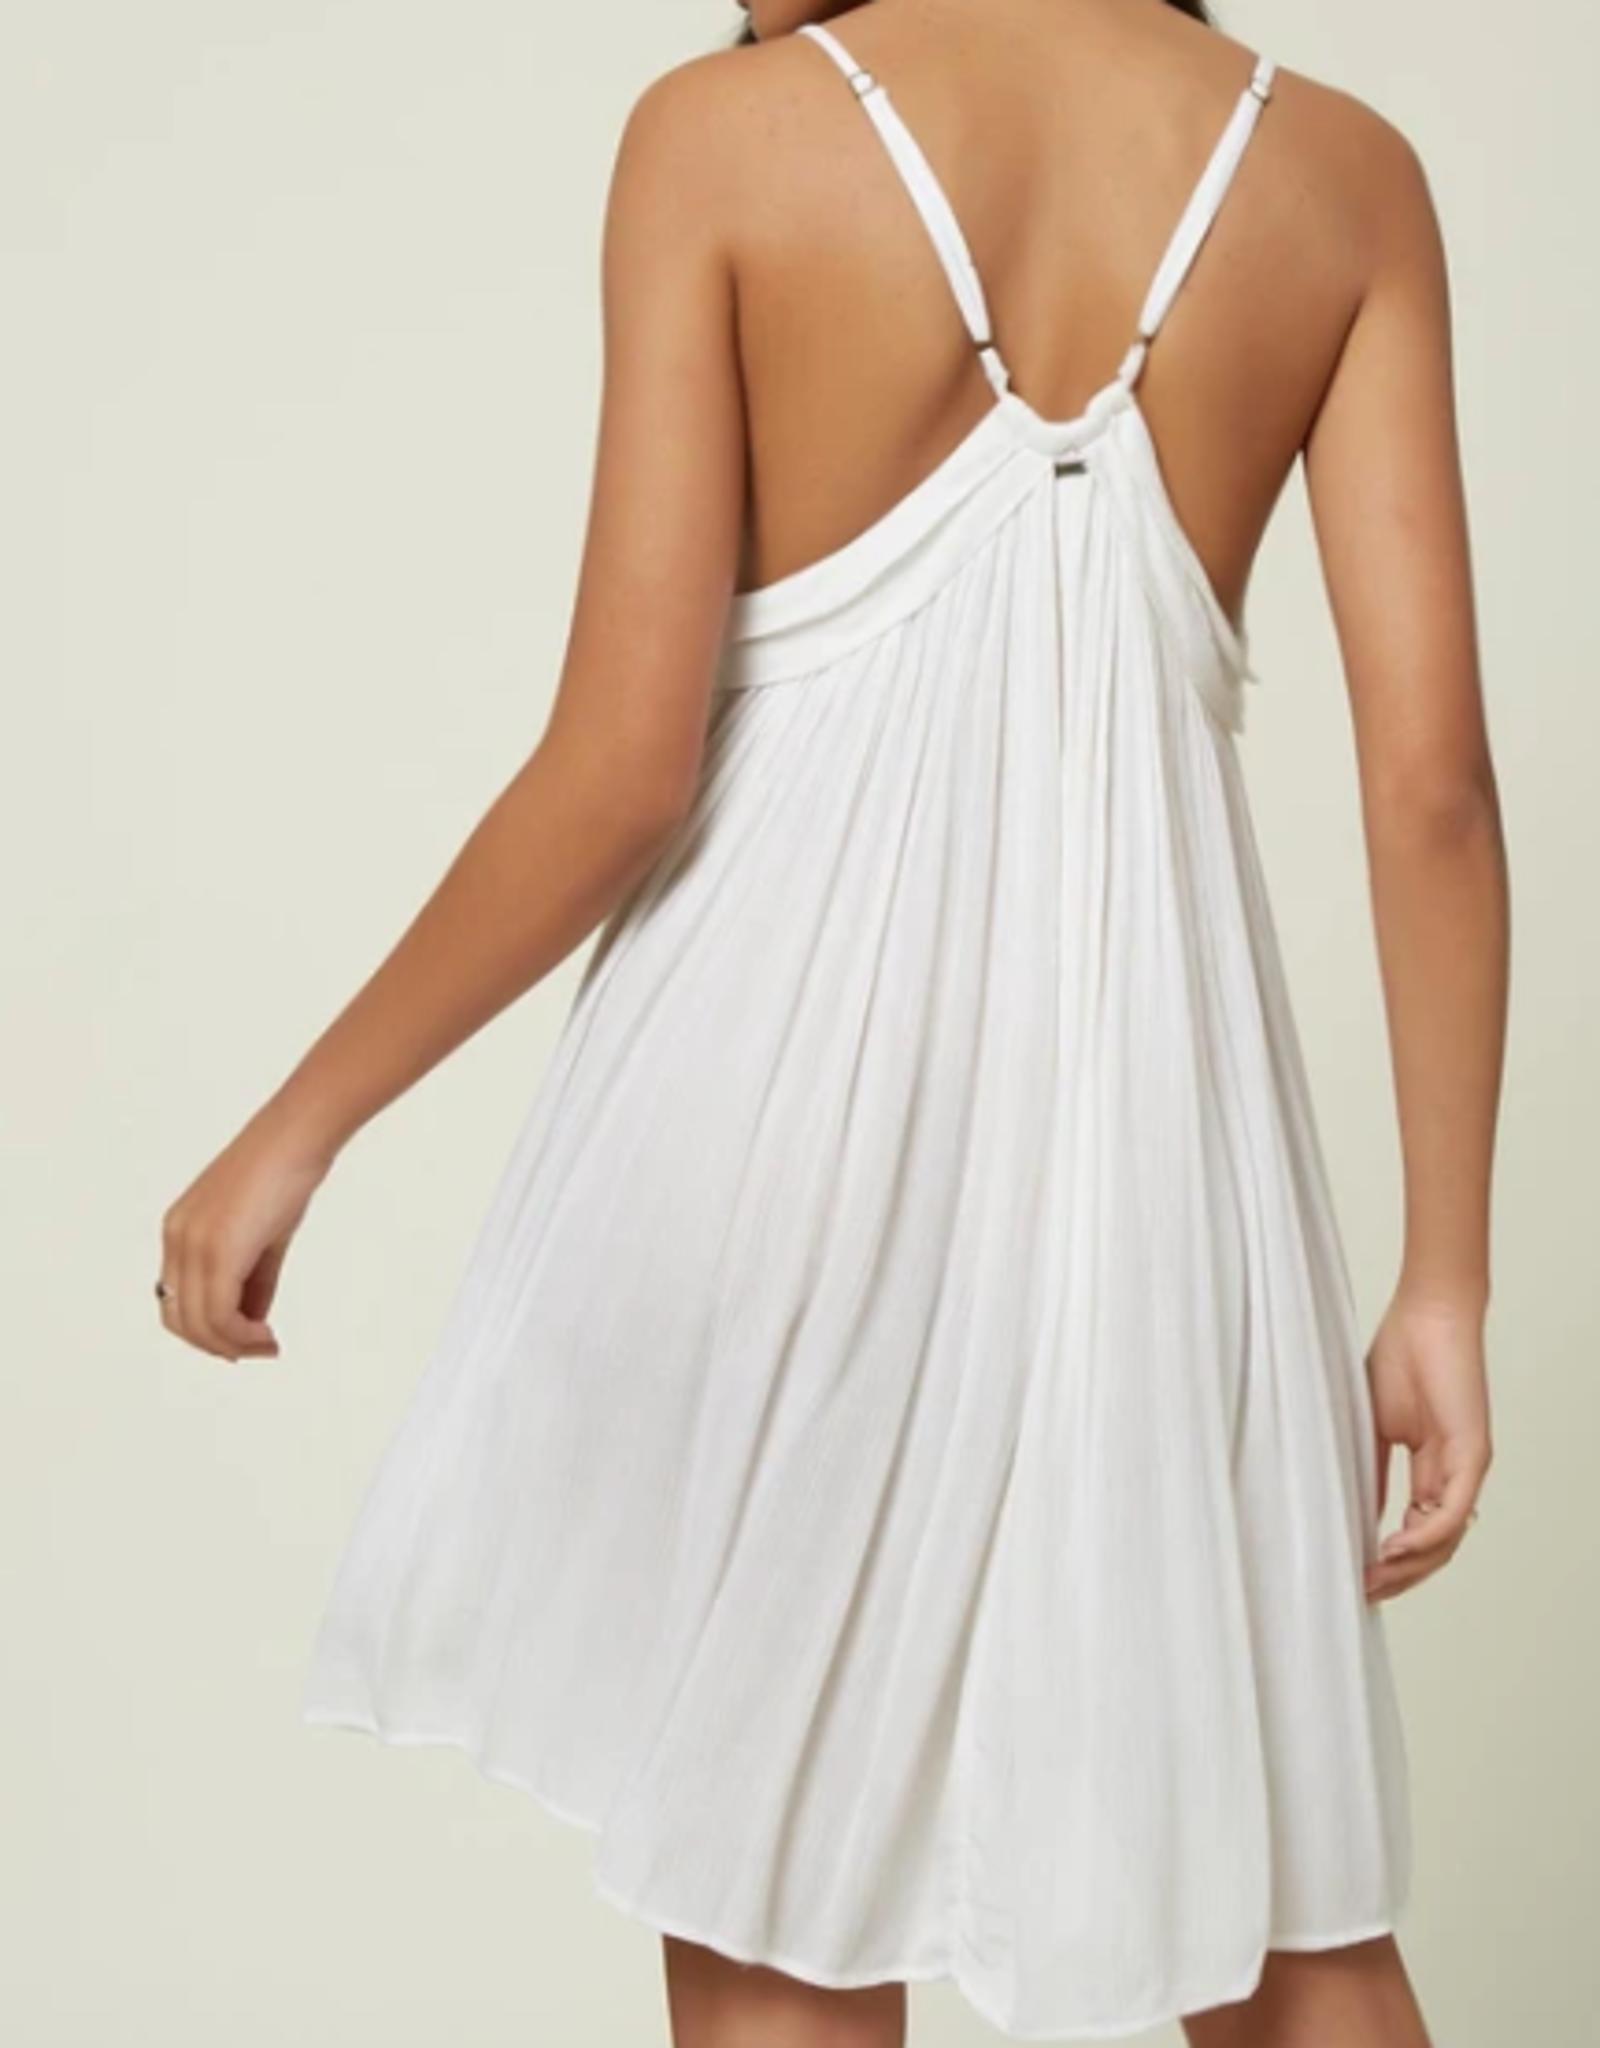 O'Neill Swim Saltwater Solids Dress White